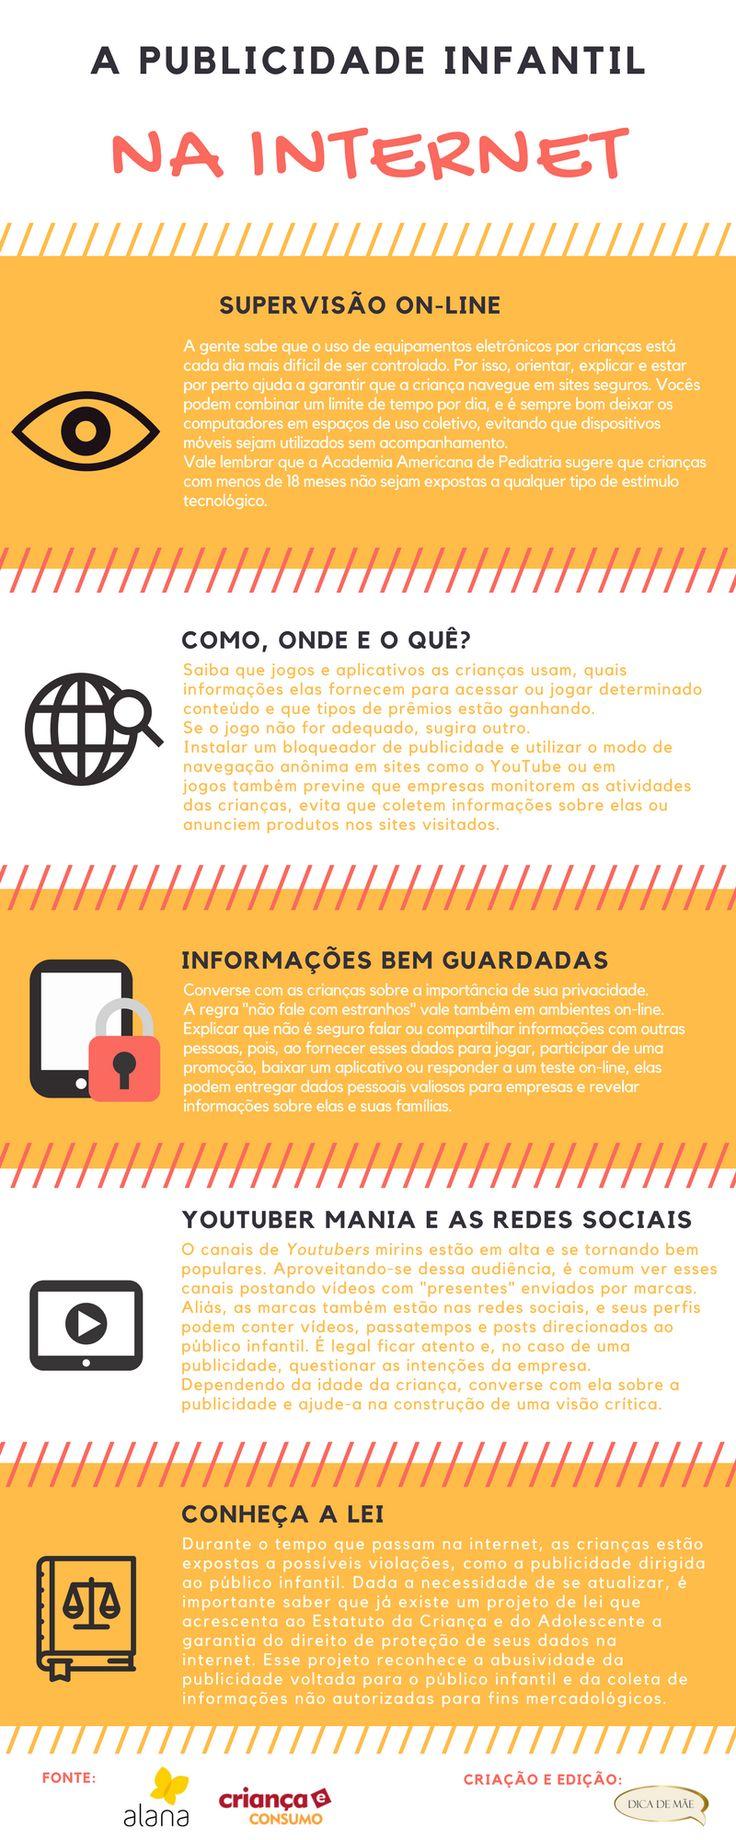 Cuidado com a publicidade infantil na internet | Dica de Mãe